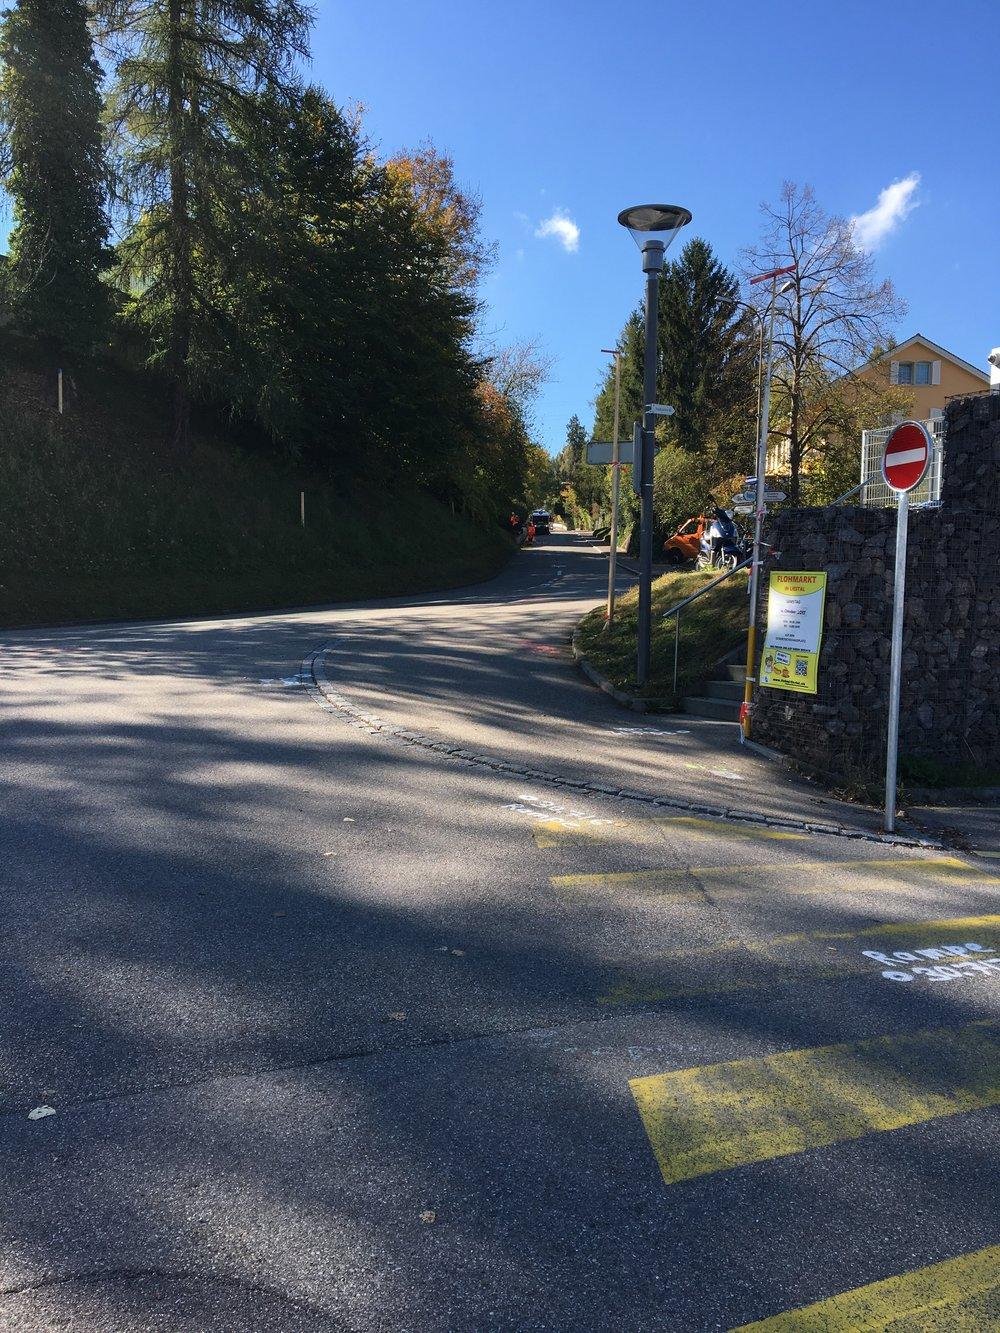 Ca. 200 m die Sichternstrasse hinauf spazieren, bis Sie linkerhand das Praxisschild sehen...